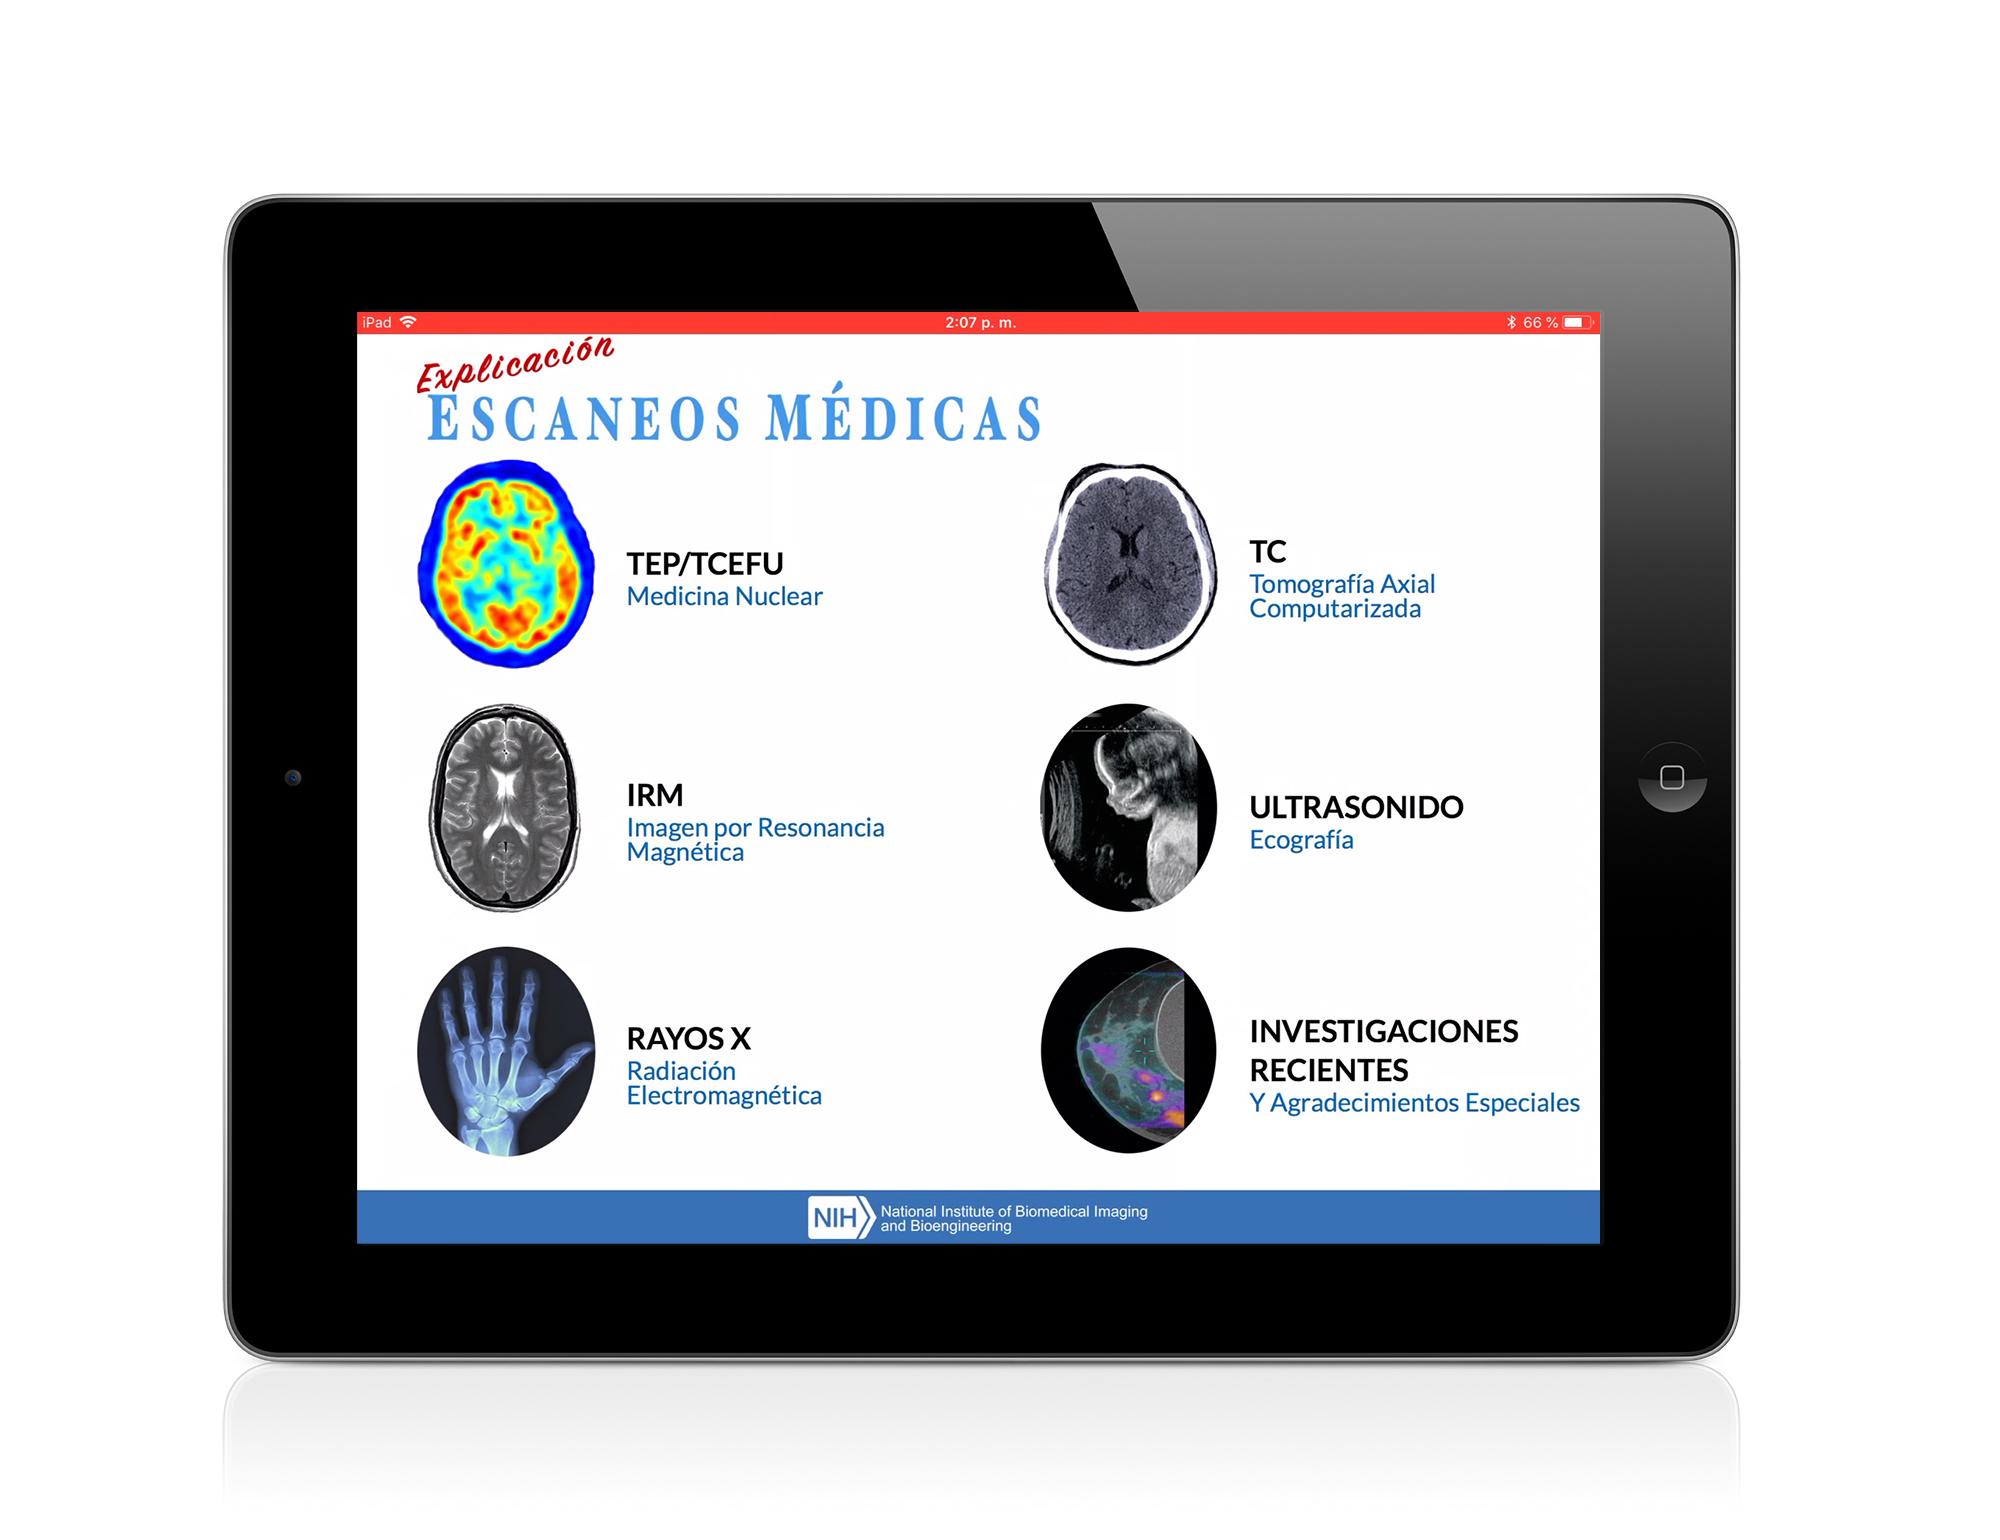 imagen del iPad App de Imágenes Médicas